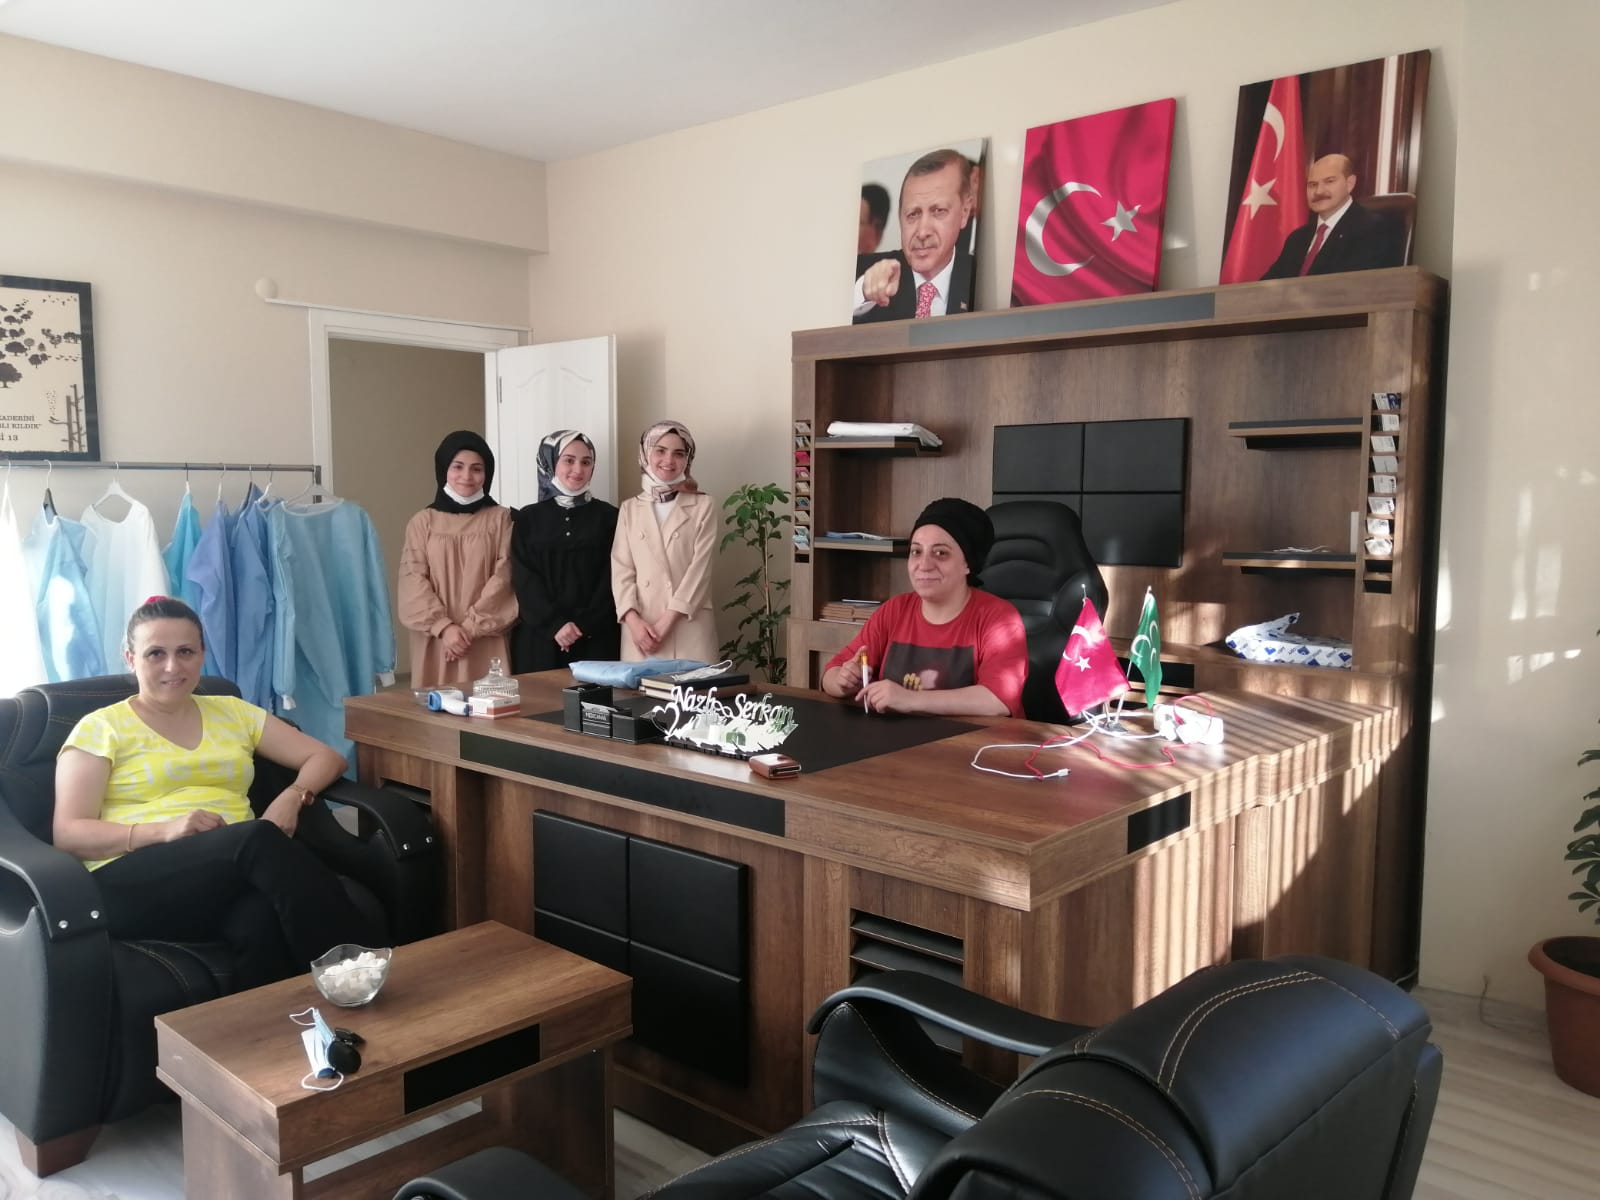 İSTANBUL'LU GİRİŞİMCİ İŞ KADININDAN EKONOMİYE BÜYÜK KATKI